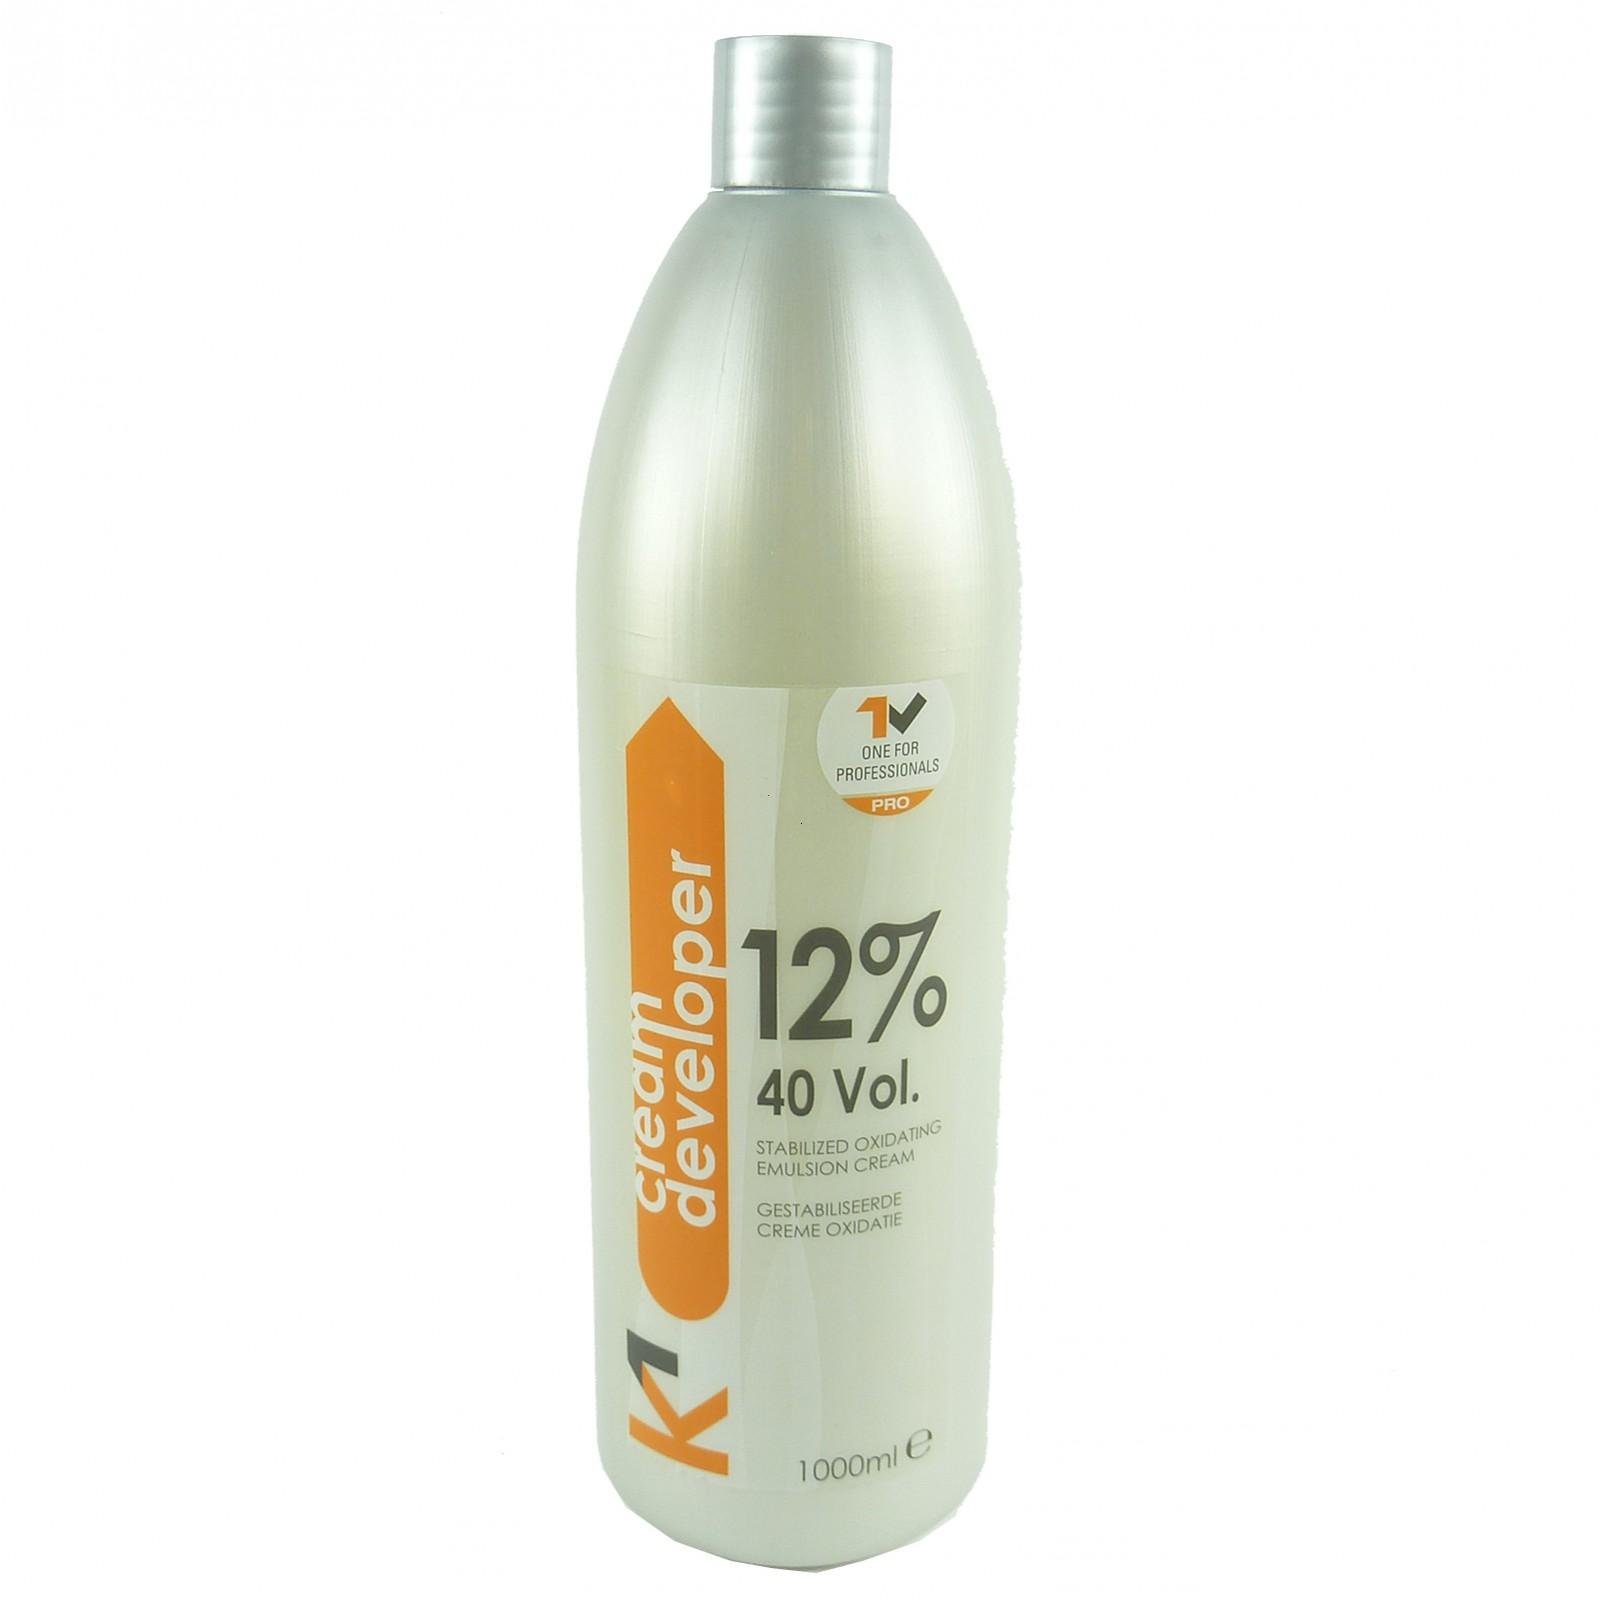 K1 Cream Developer 12- 40 Volume - Stabilised Oxidating Emulsion Cream - 1000ml